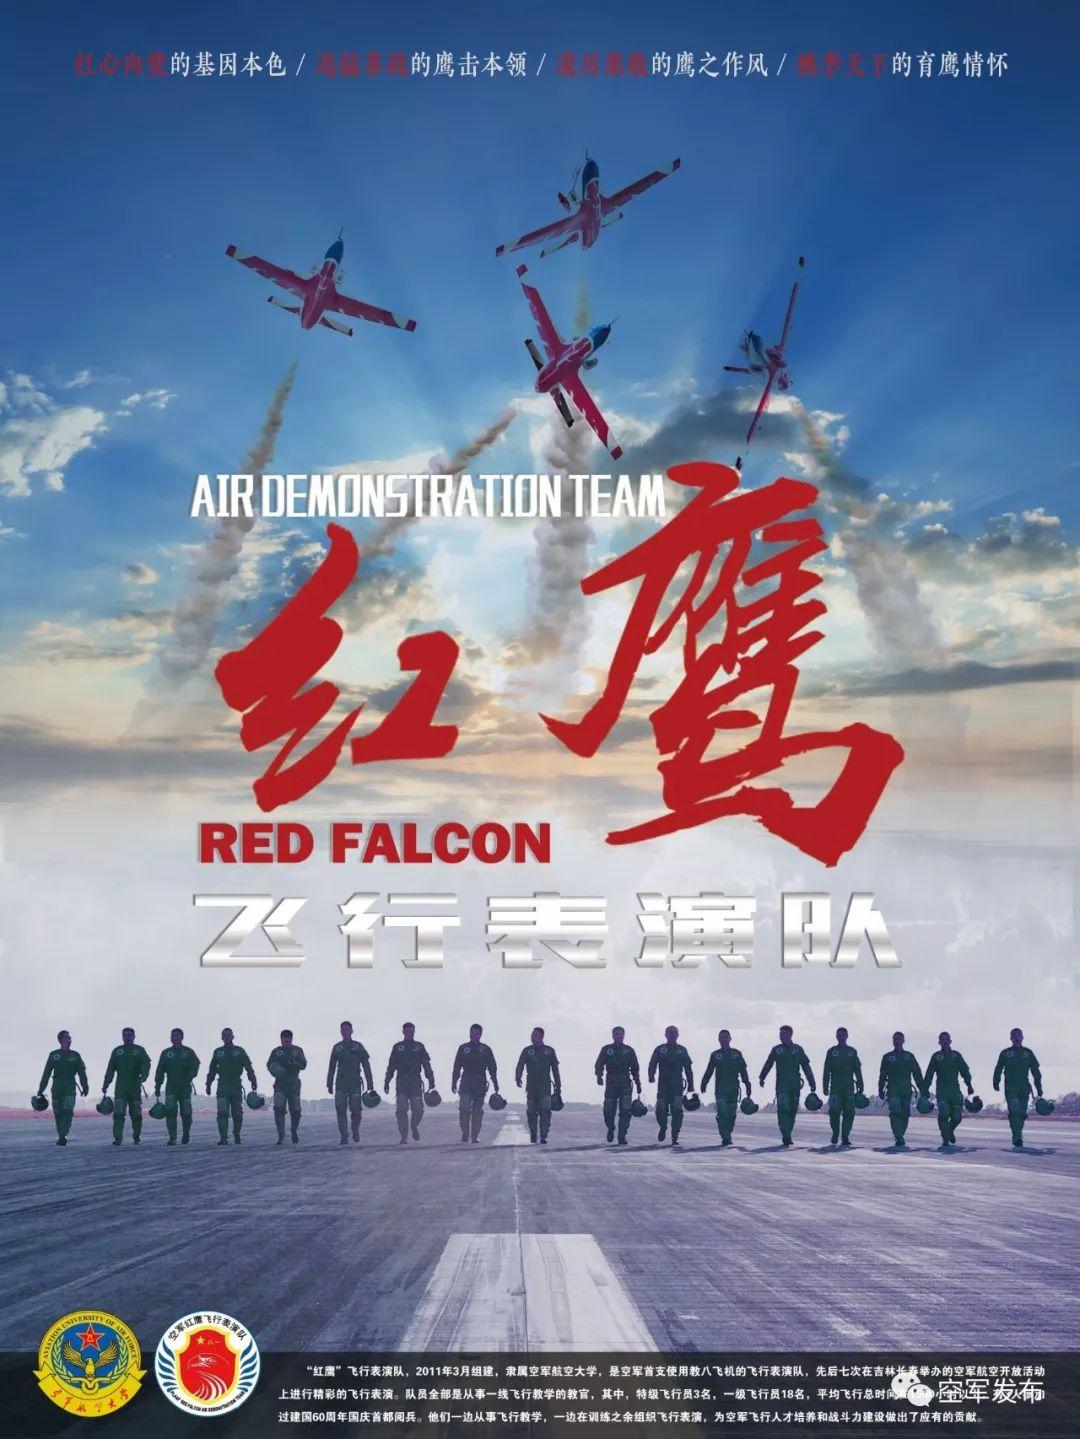 官宣!中国空军发布影像海报介绍